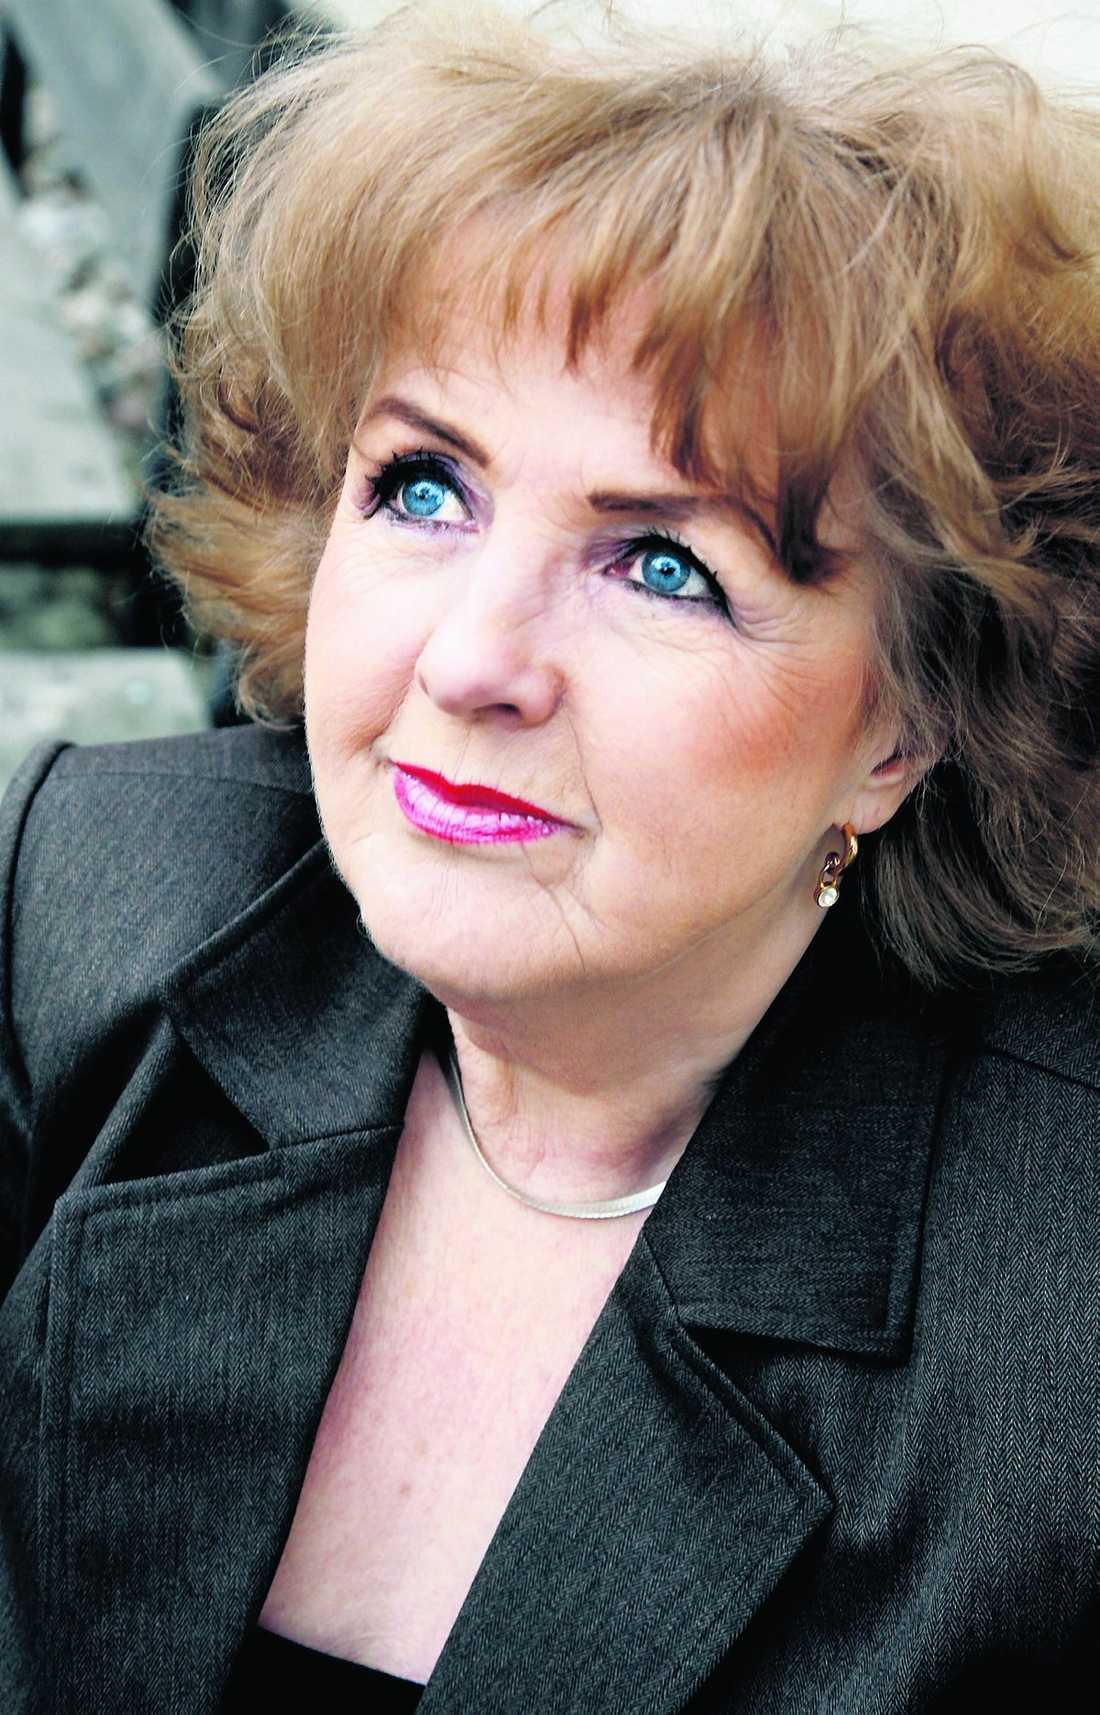 Elisabet Höglund opereras för cancer i sköldkörteln samma dag som argentinas president Cristina Fernández de Kirchner gör samma sak.